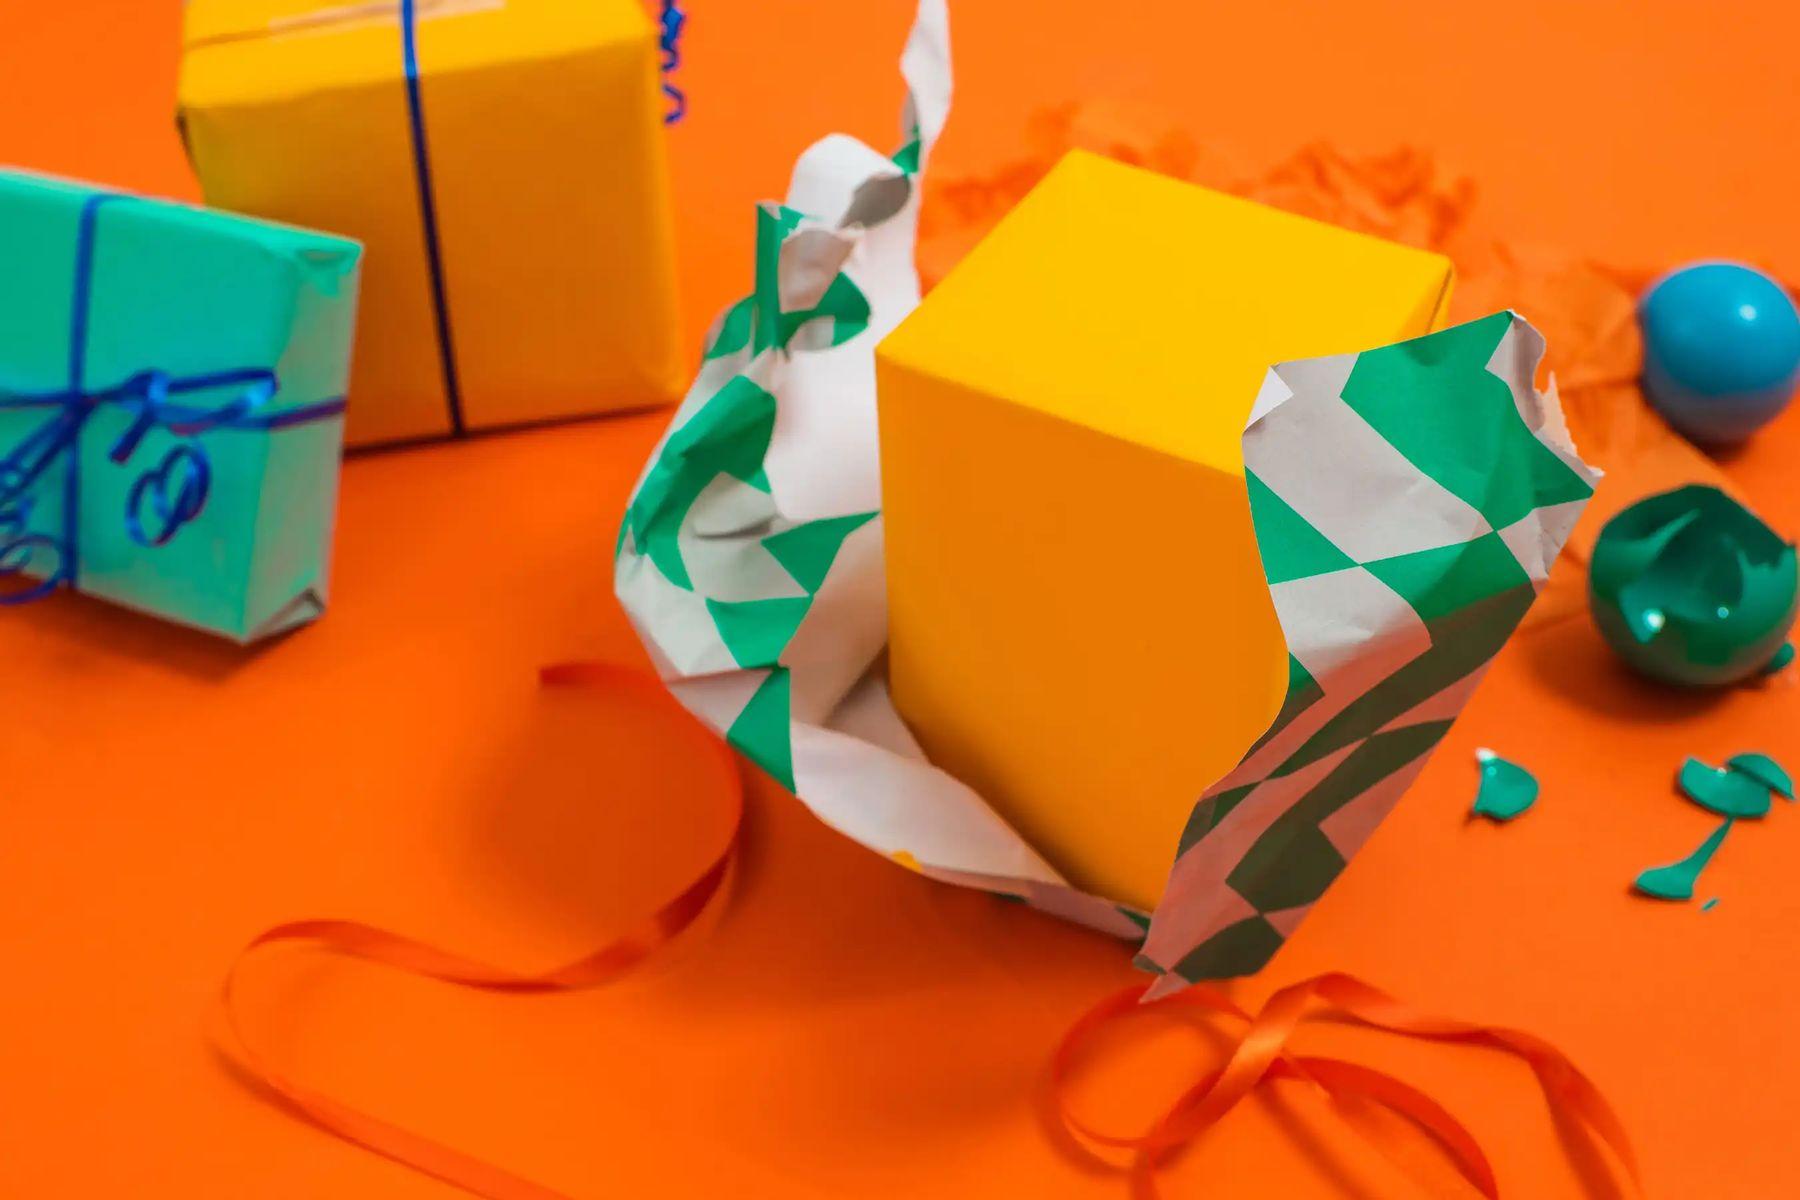 embalagens-de-embrulho-festivas-e-ecologicas